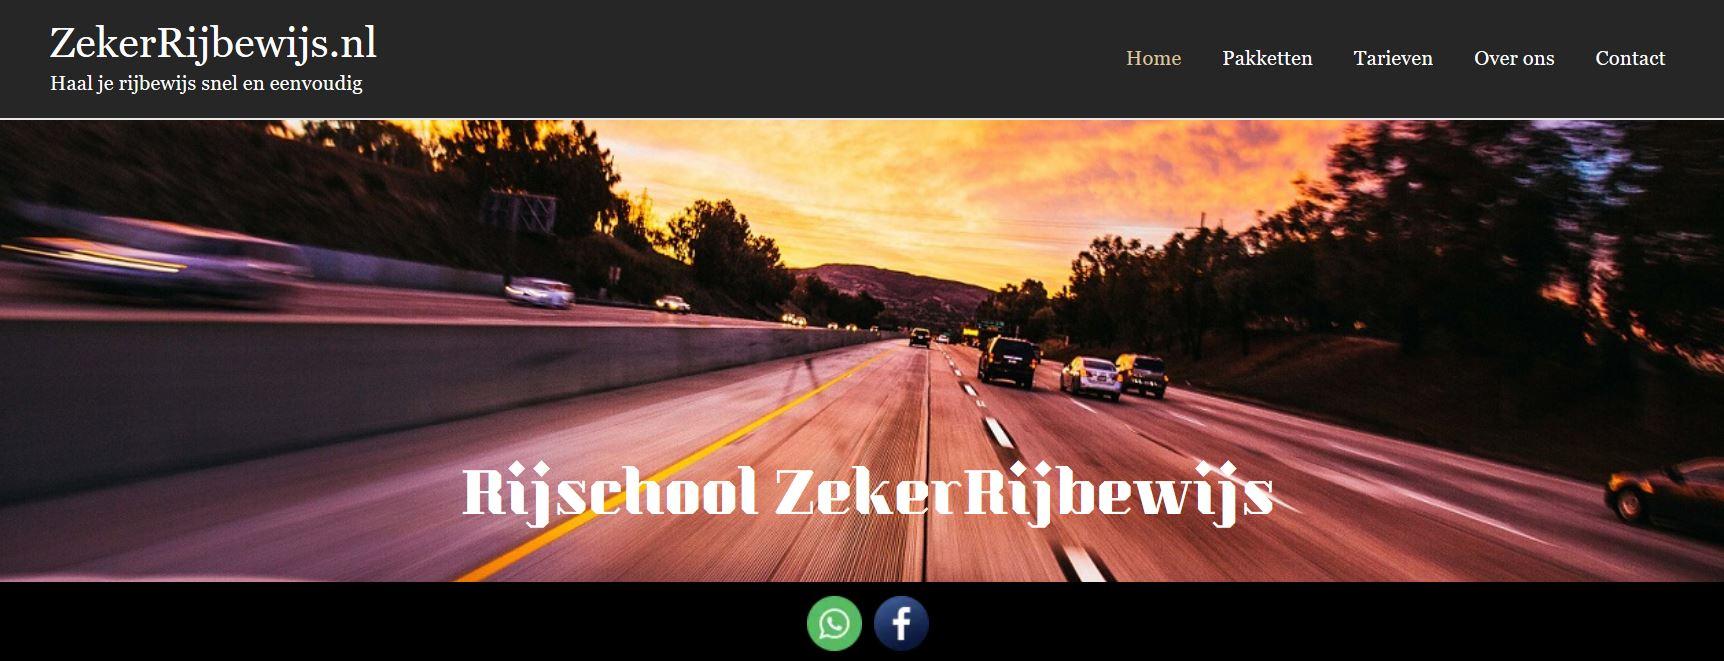 Rijschool zekerrijbewijs Arnhem